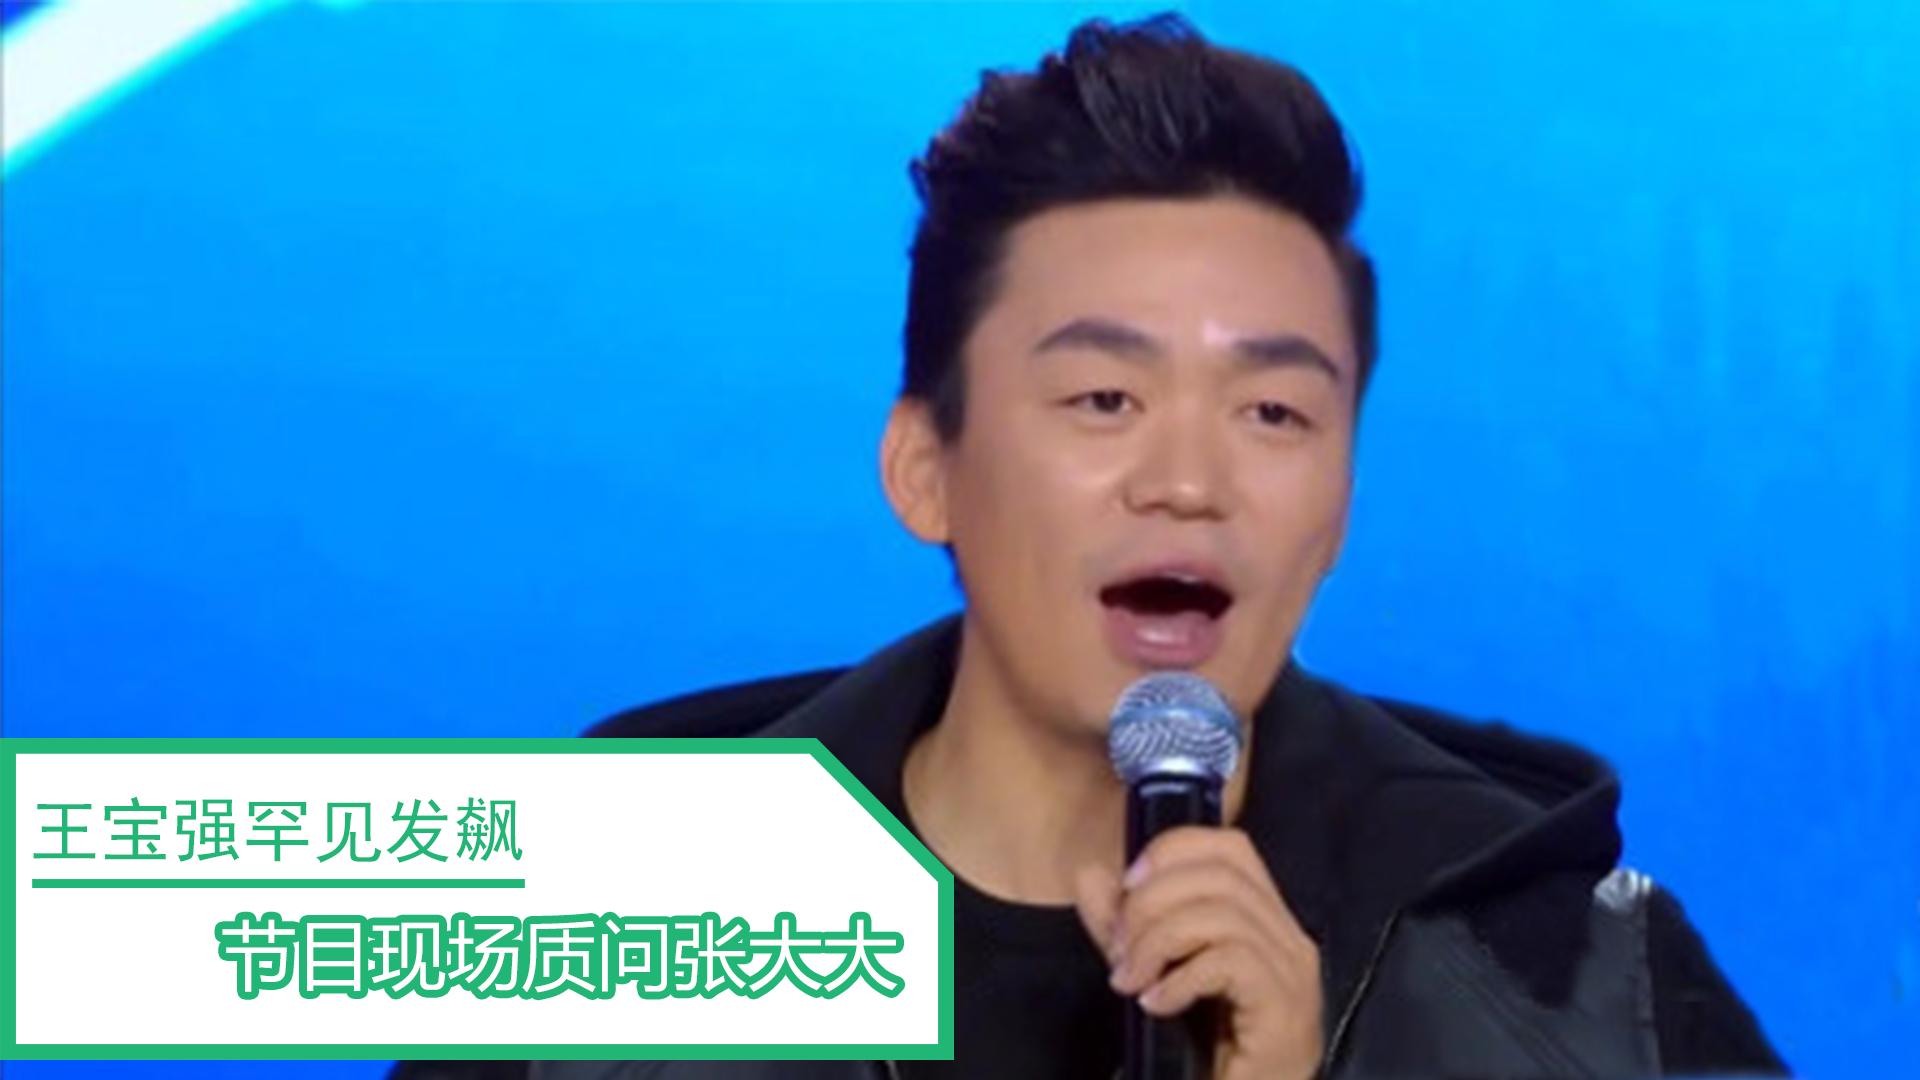 王宝强罕见发飙,节目现场质问张大大:你的男的还是女的?